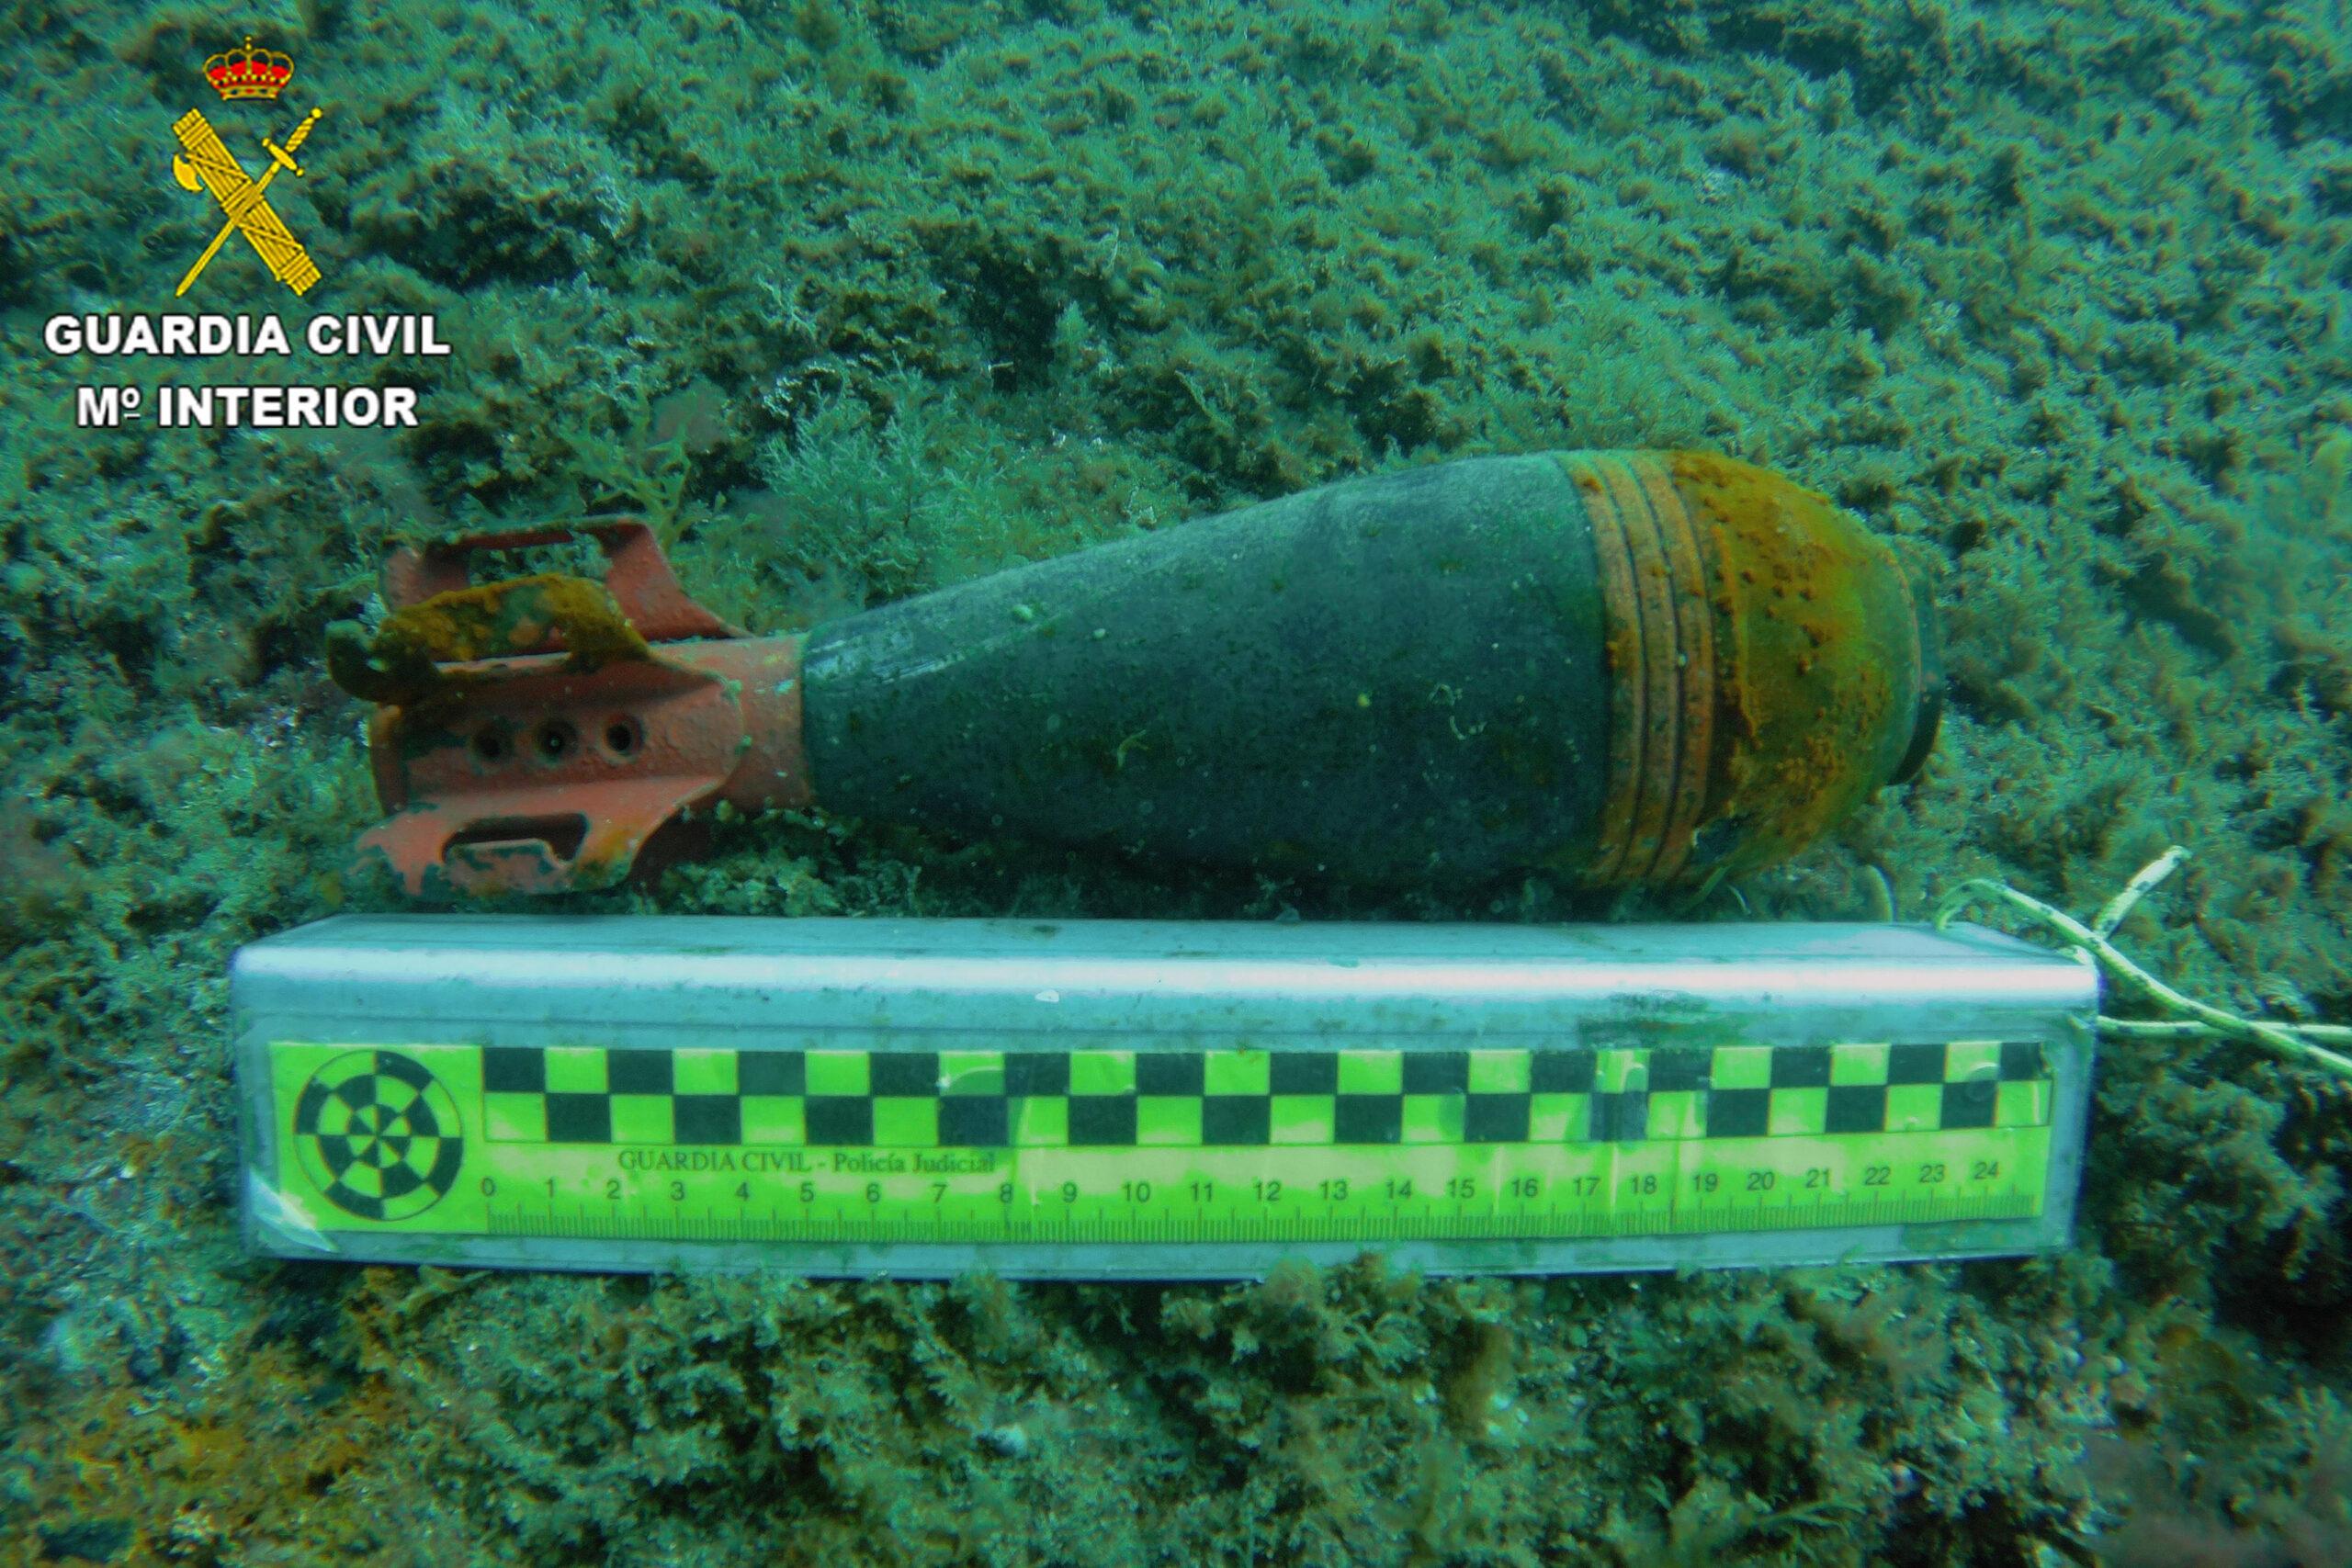 Pla general de l'objecte que ha trobat la Guàrdia Civil a la cala Caials de Cadaquès el 27 de març de 2021 | ACN